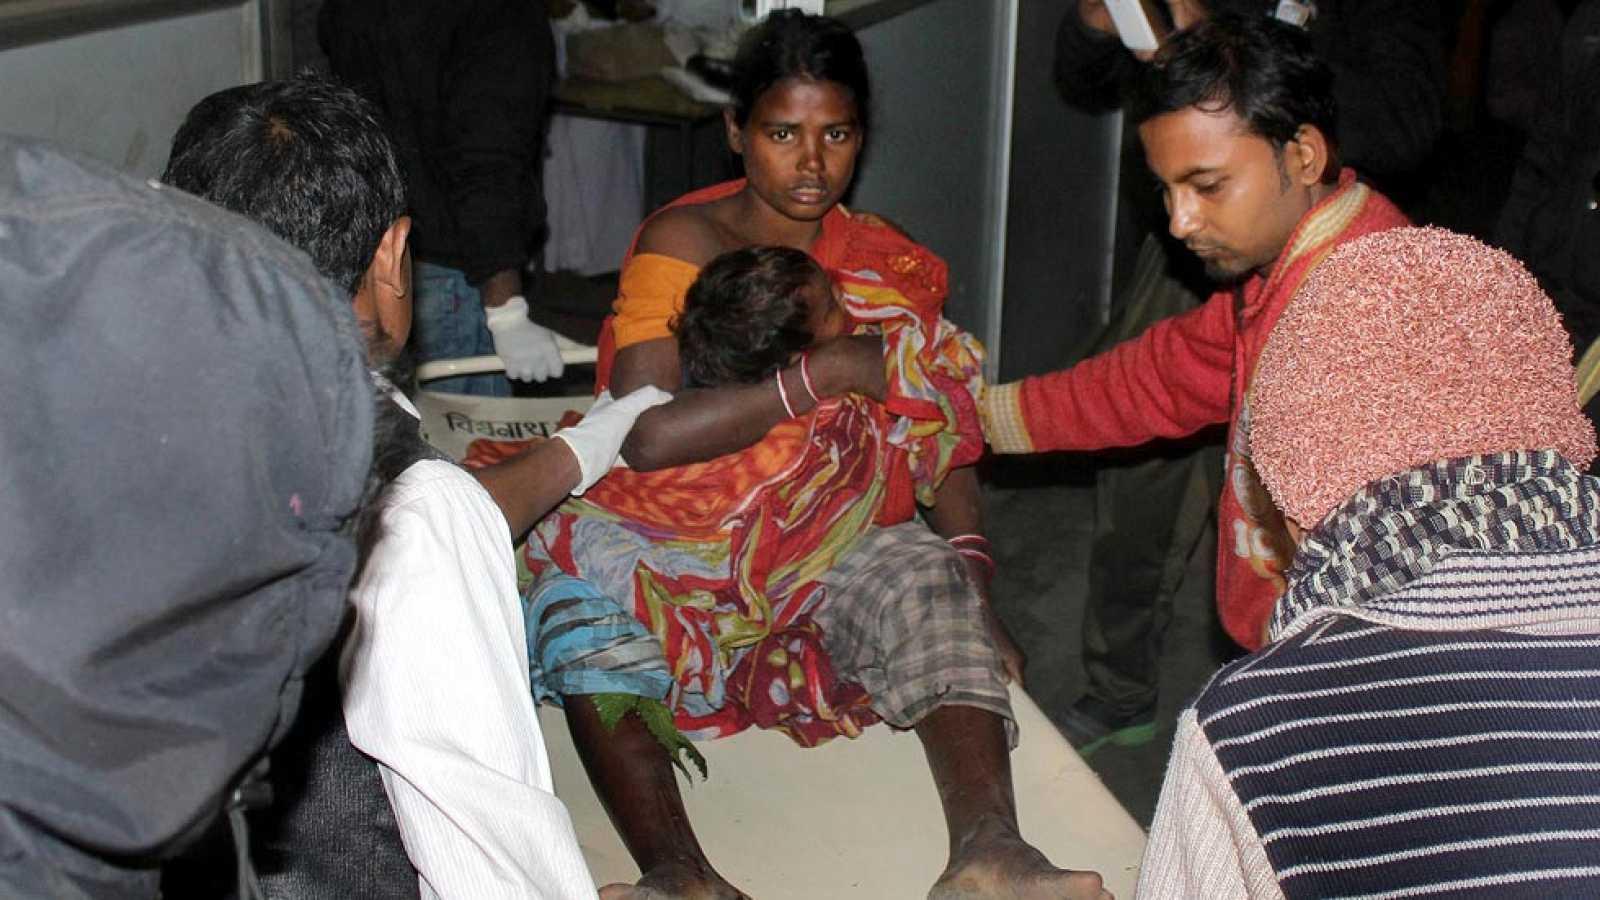 Mueren 51 personas en ataques contra civiles en el noreste de la India